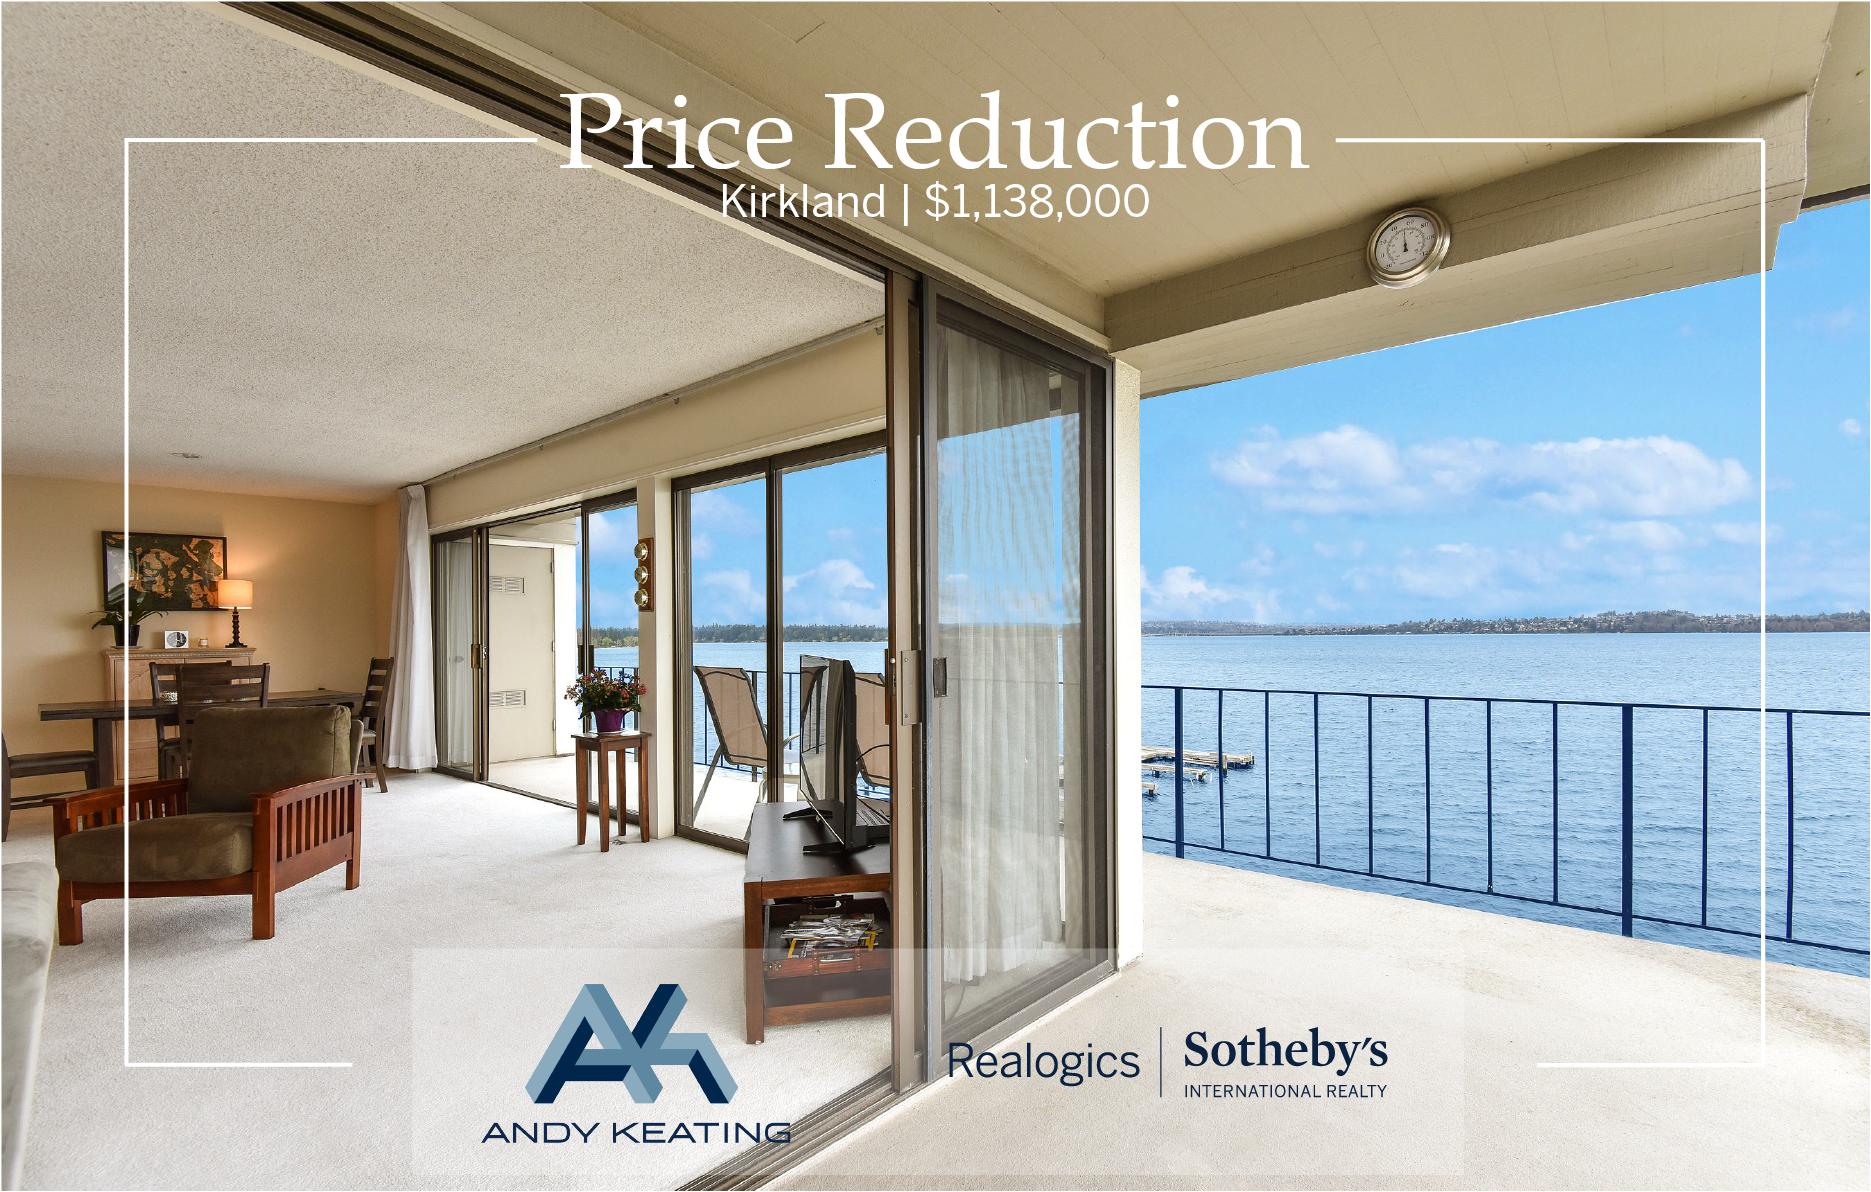 Price Reduction 2 6401 Lake Washington Blvd NE #409, Kirkland 98033.png